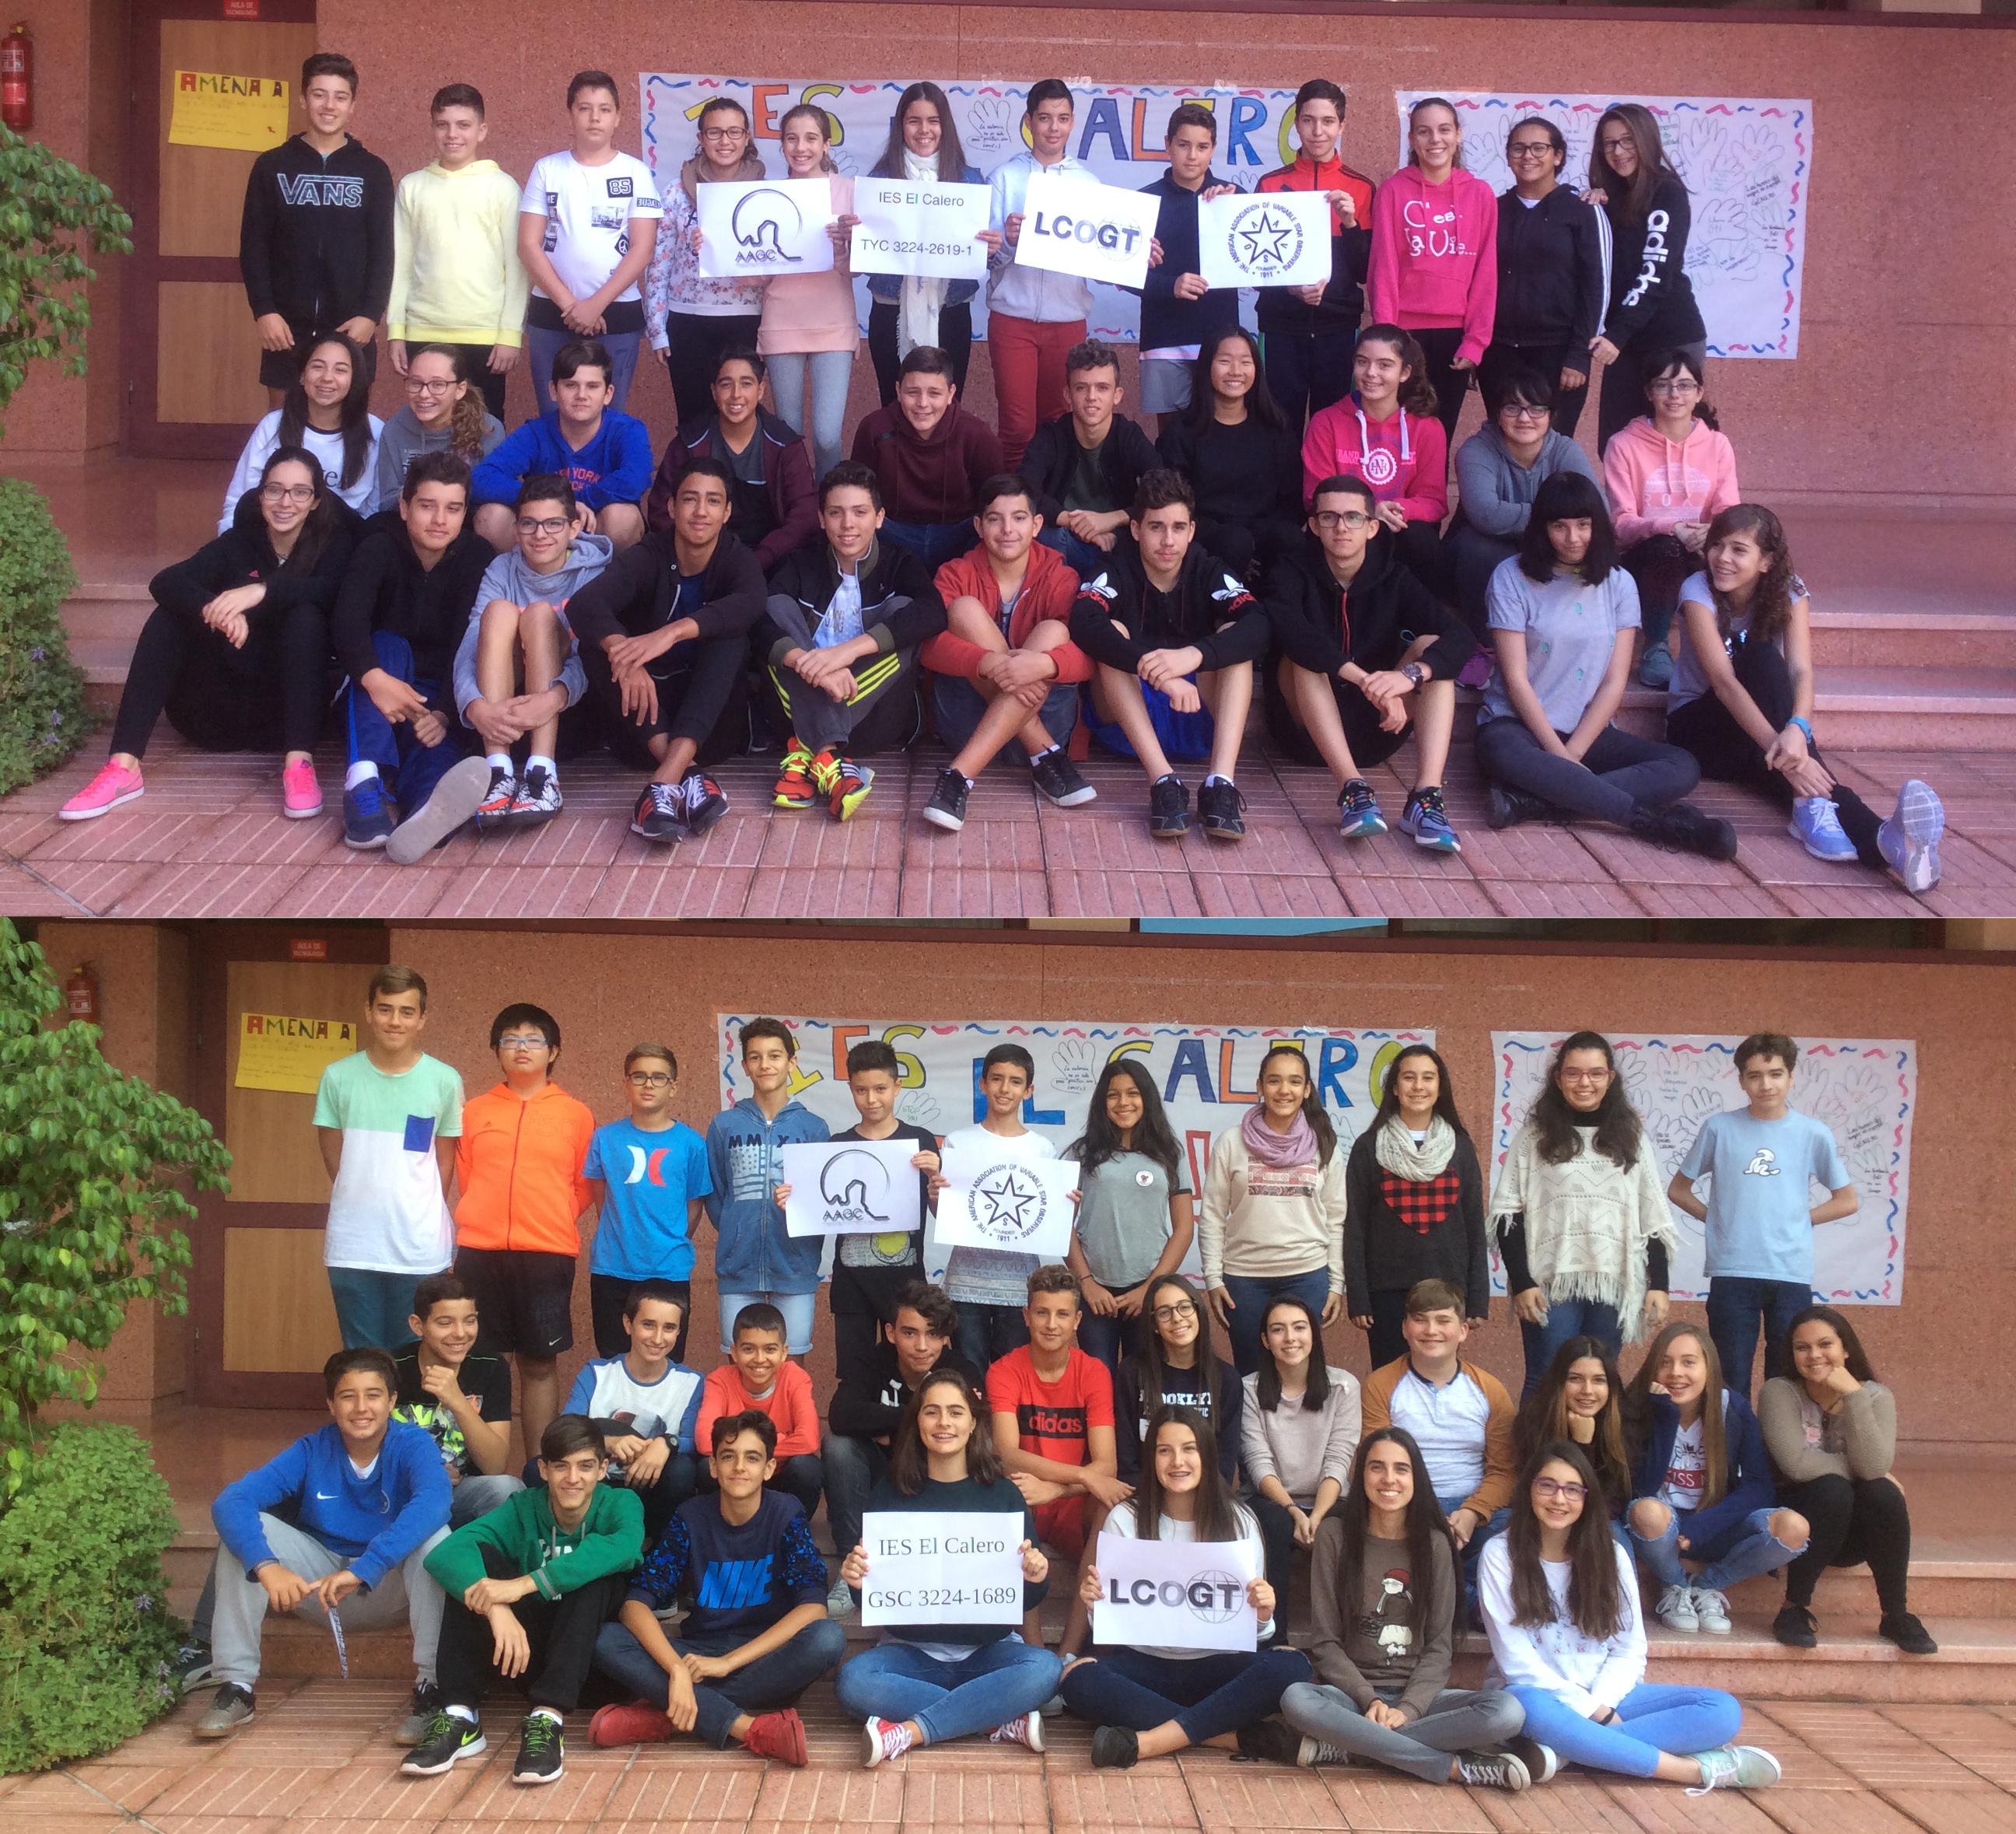 Alumnas y alumnos de segundo de ESO del IES El Calero, descubridores de las estrellas variables TYC 3224-2619-1 y GSC 03224-01689. Crédito: IES El Calero.